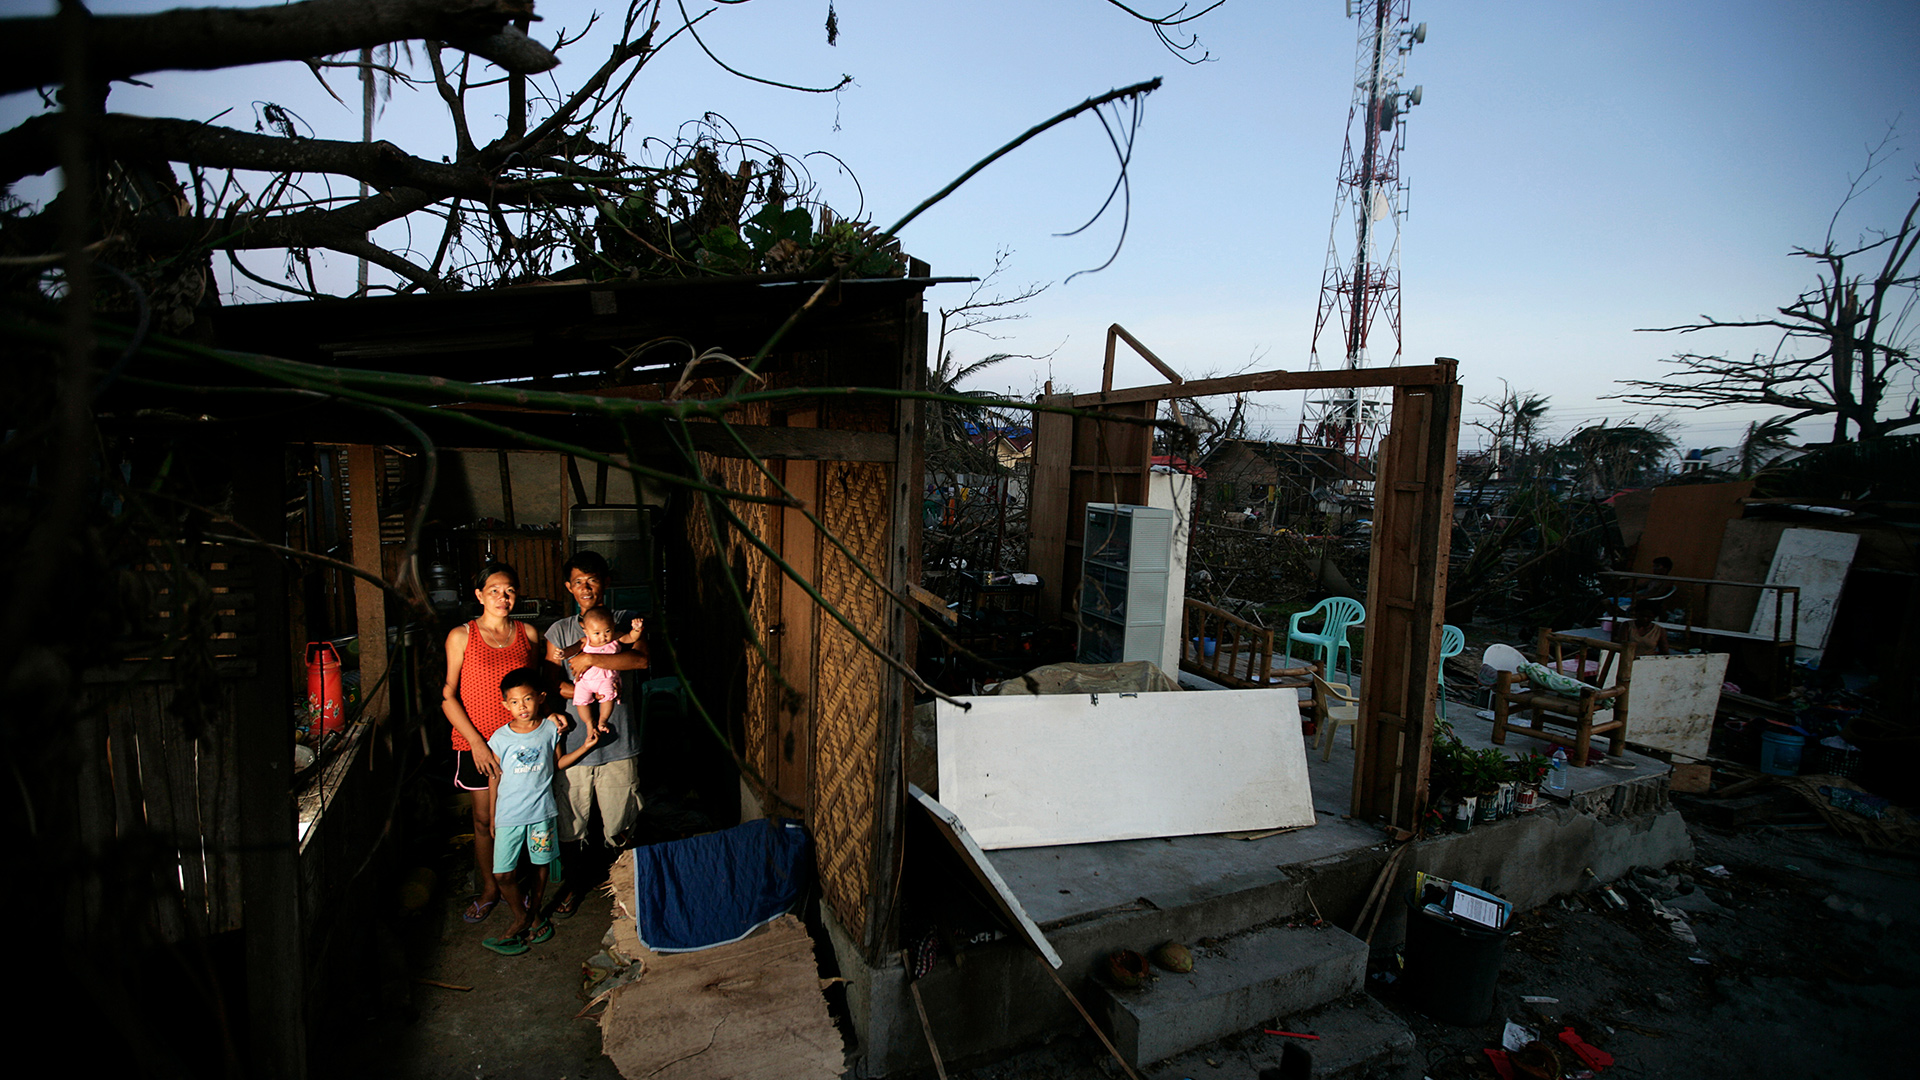 Umweltrisiken: Extremwetter und Katastrophen werden künftig immer weiter zunehmen. © Pablo Sanchez / WWF